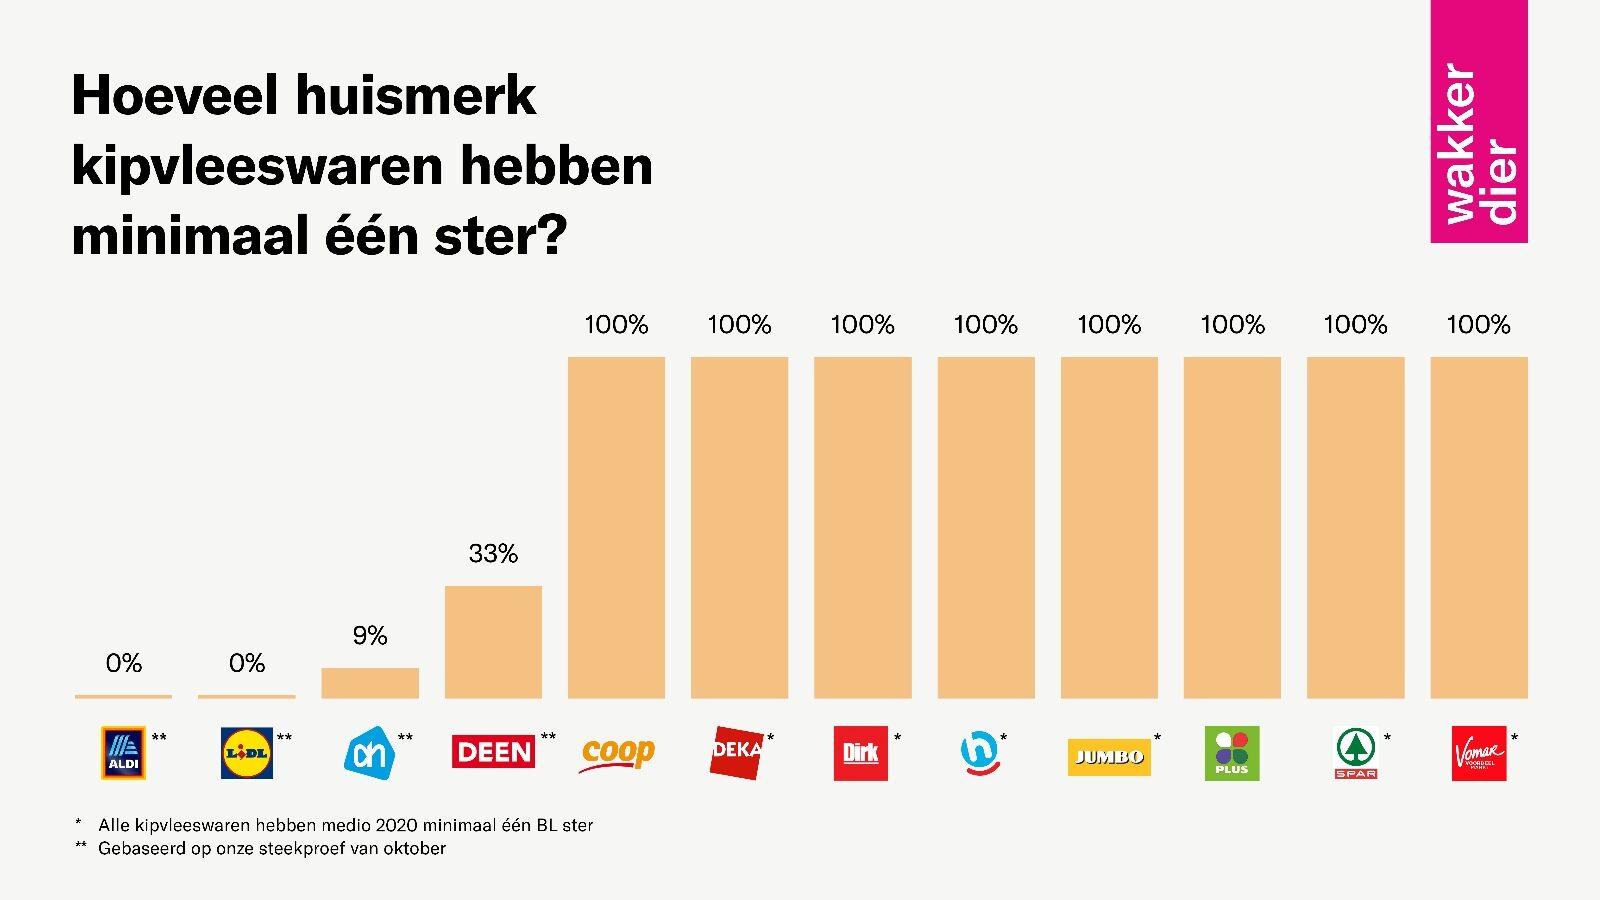 Beeld: grafiek met supermarkten en hun aandeel kipvleeswaren met een dierenwelzijnskeurmerk